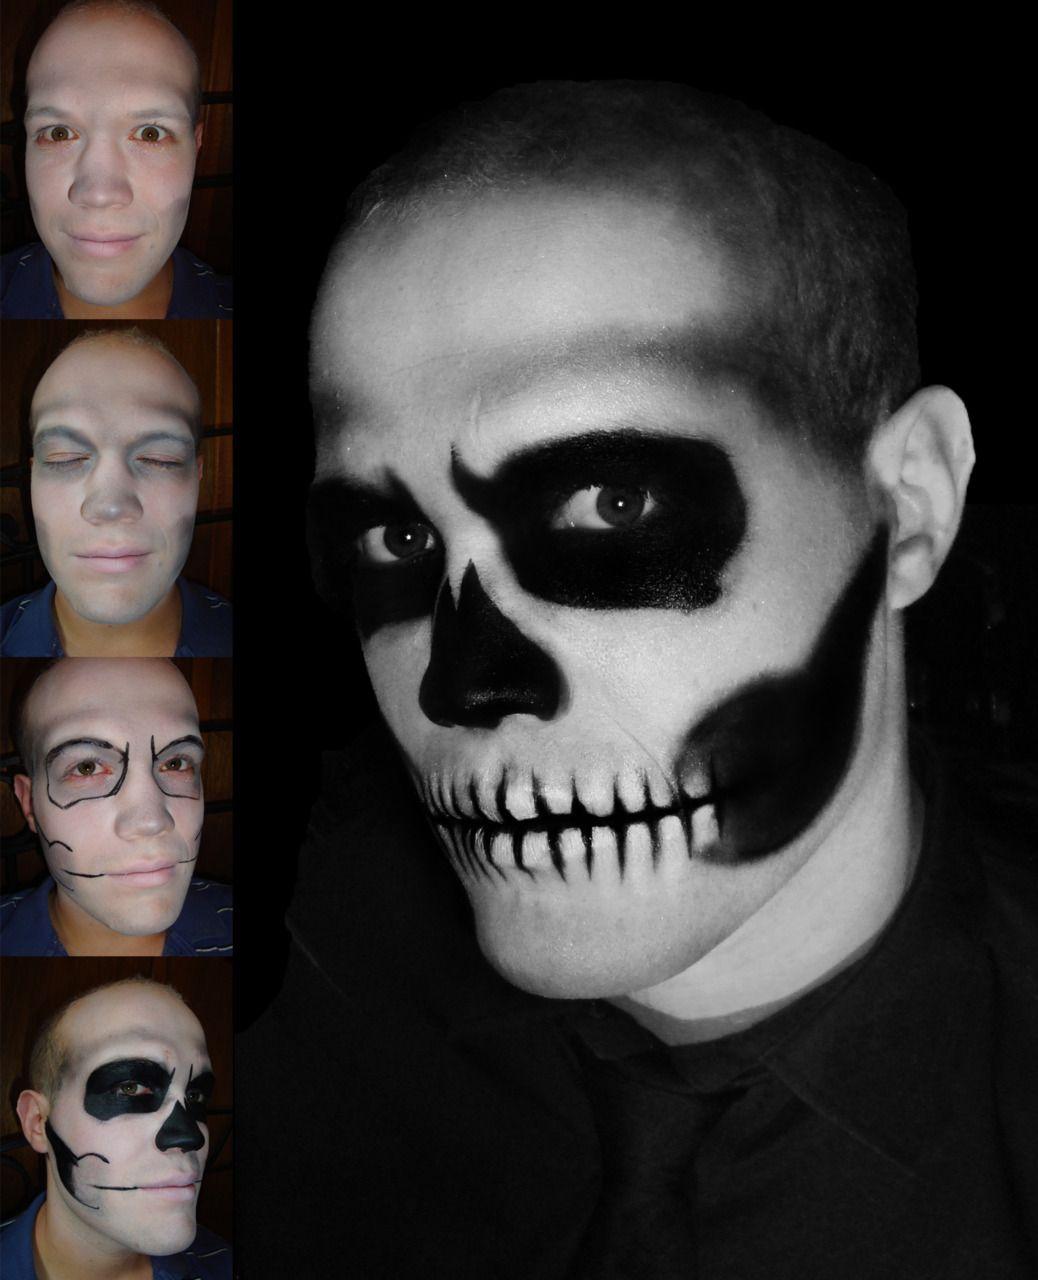 Skull Makeup Taniajohanna Follow Me Taniajohanna Tumblr Com Halloween Makeup Diy Mens Halloween Makeup Halloween Makeup